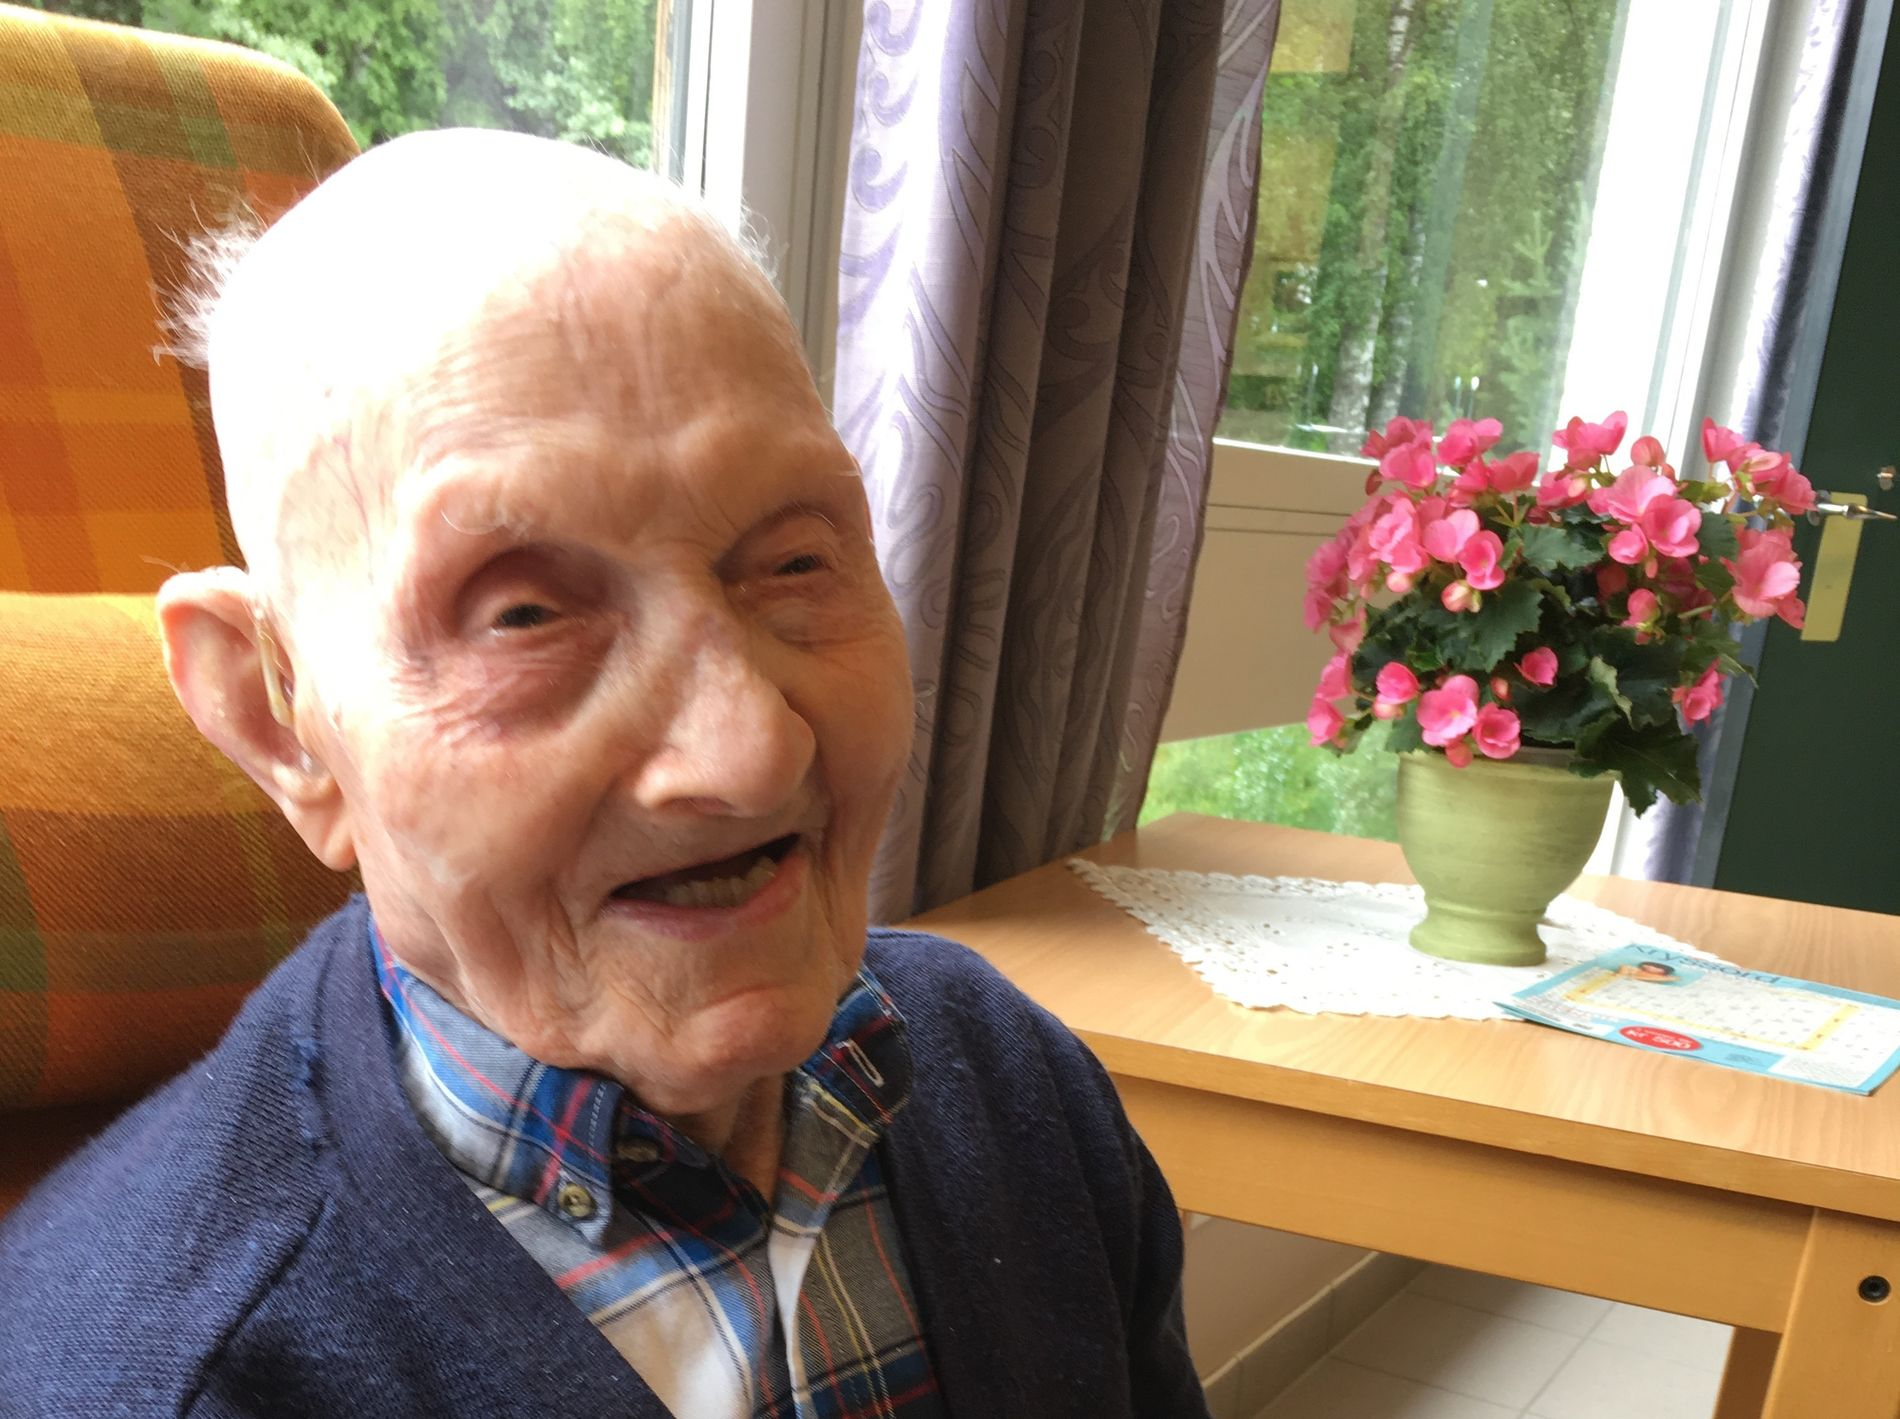 FEIRET 108: I august hadde Torbjørn sin siste bursdag.